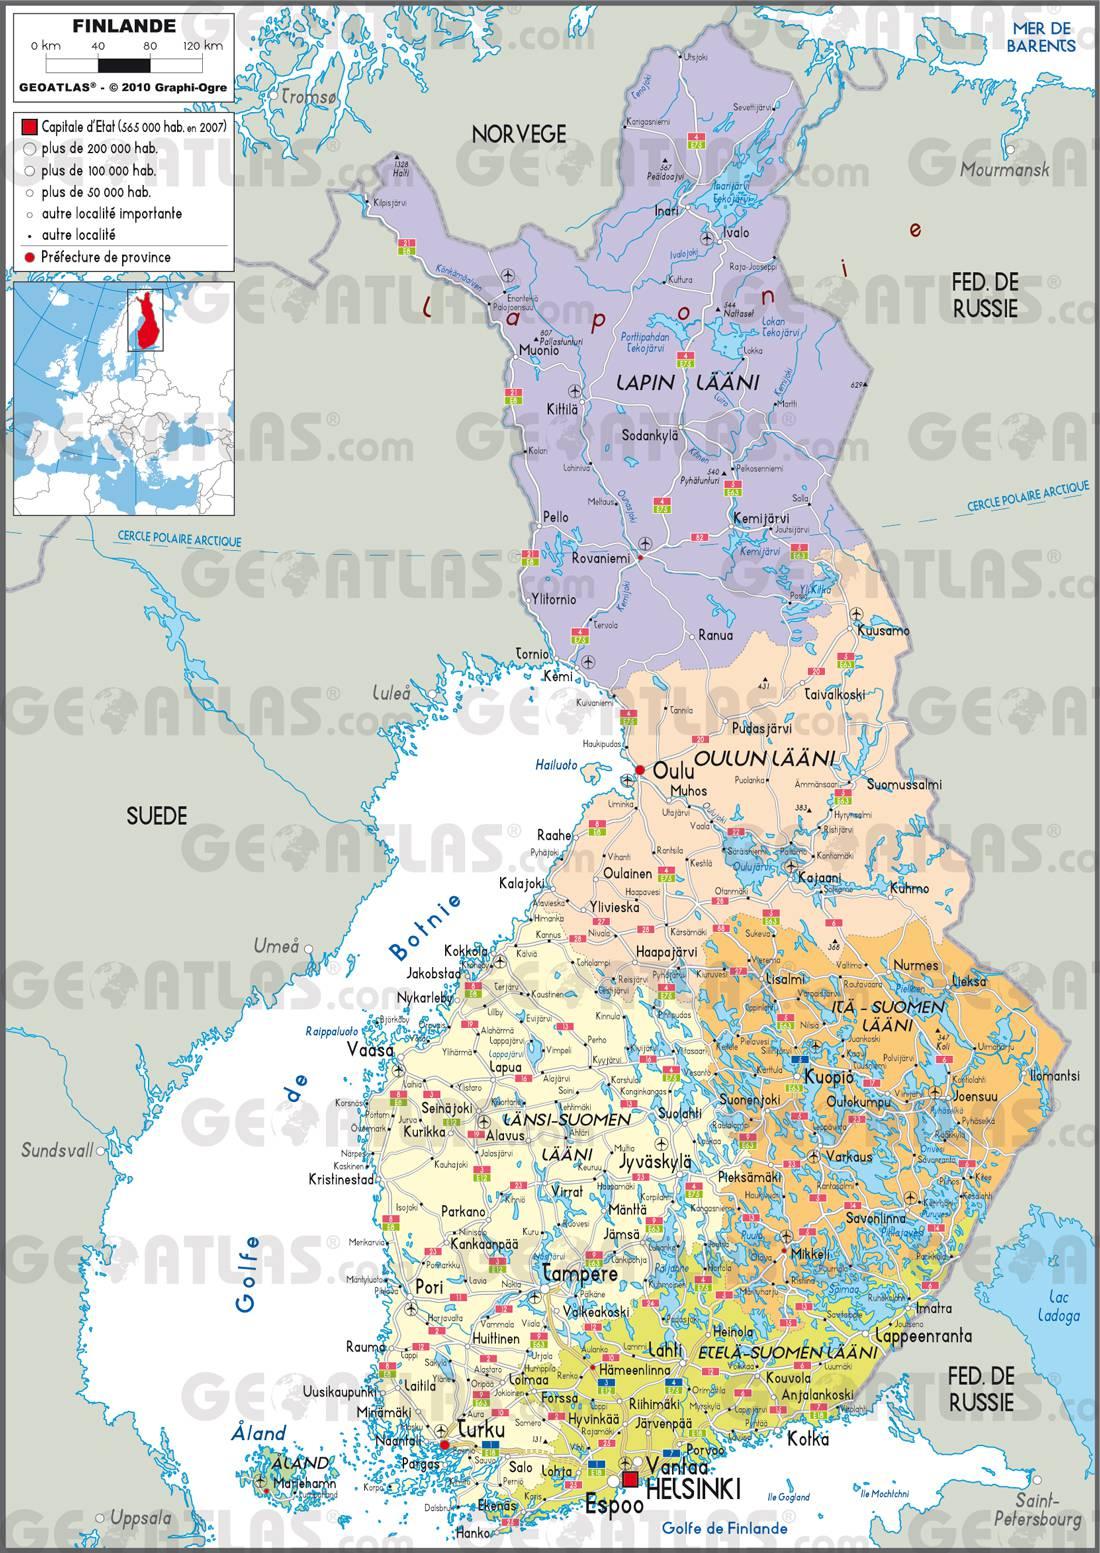 Carte administrative de la Finlande